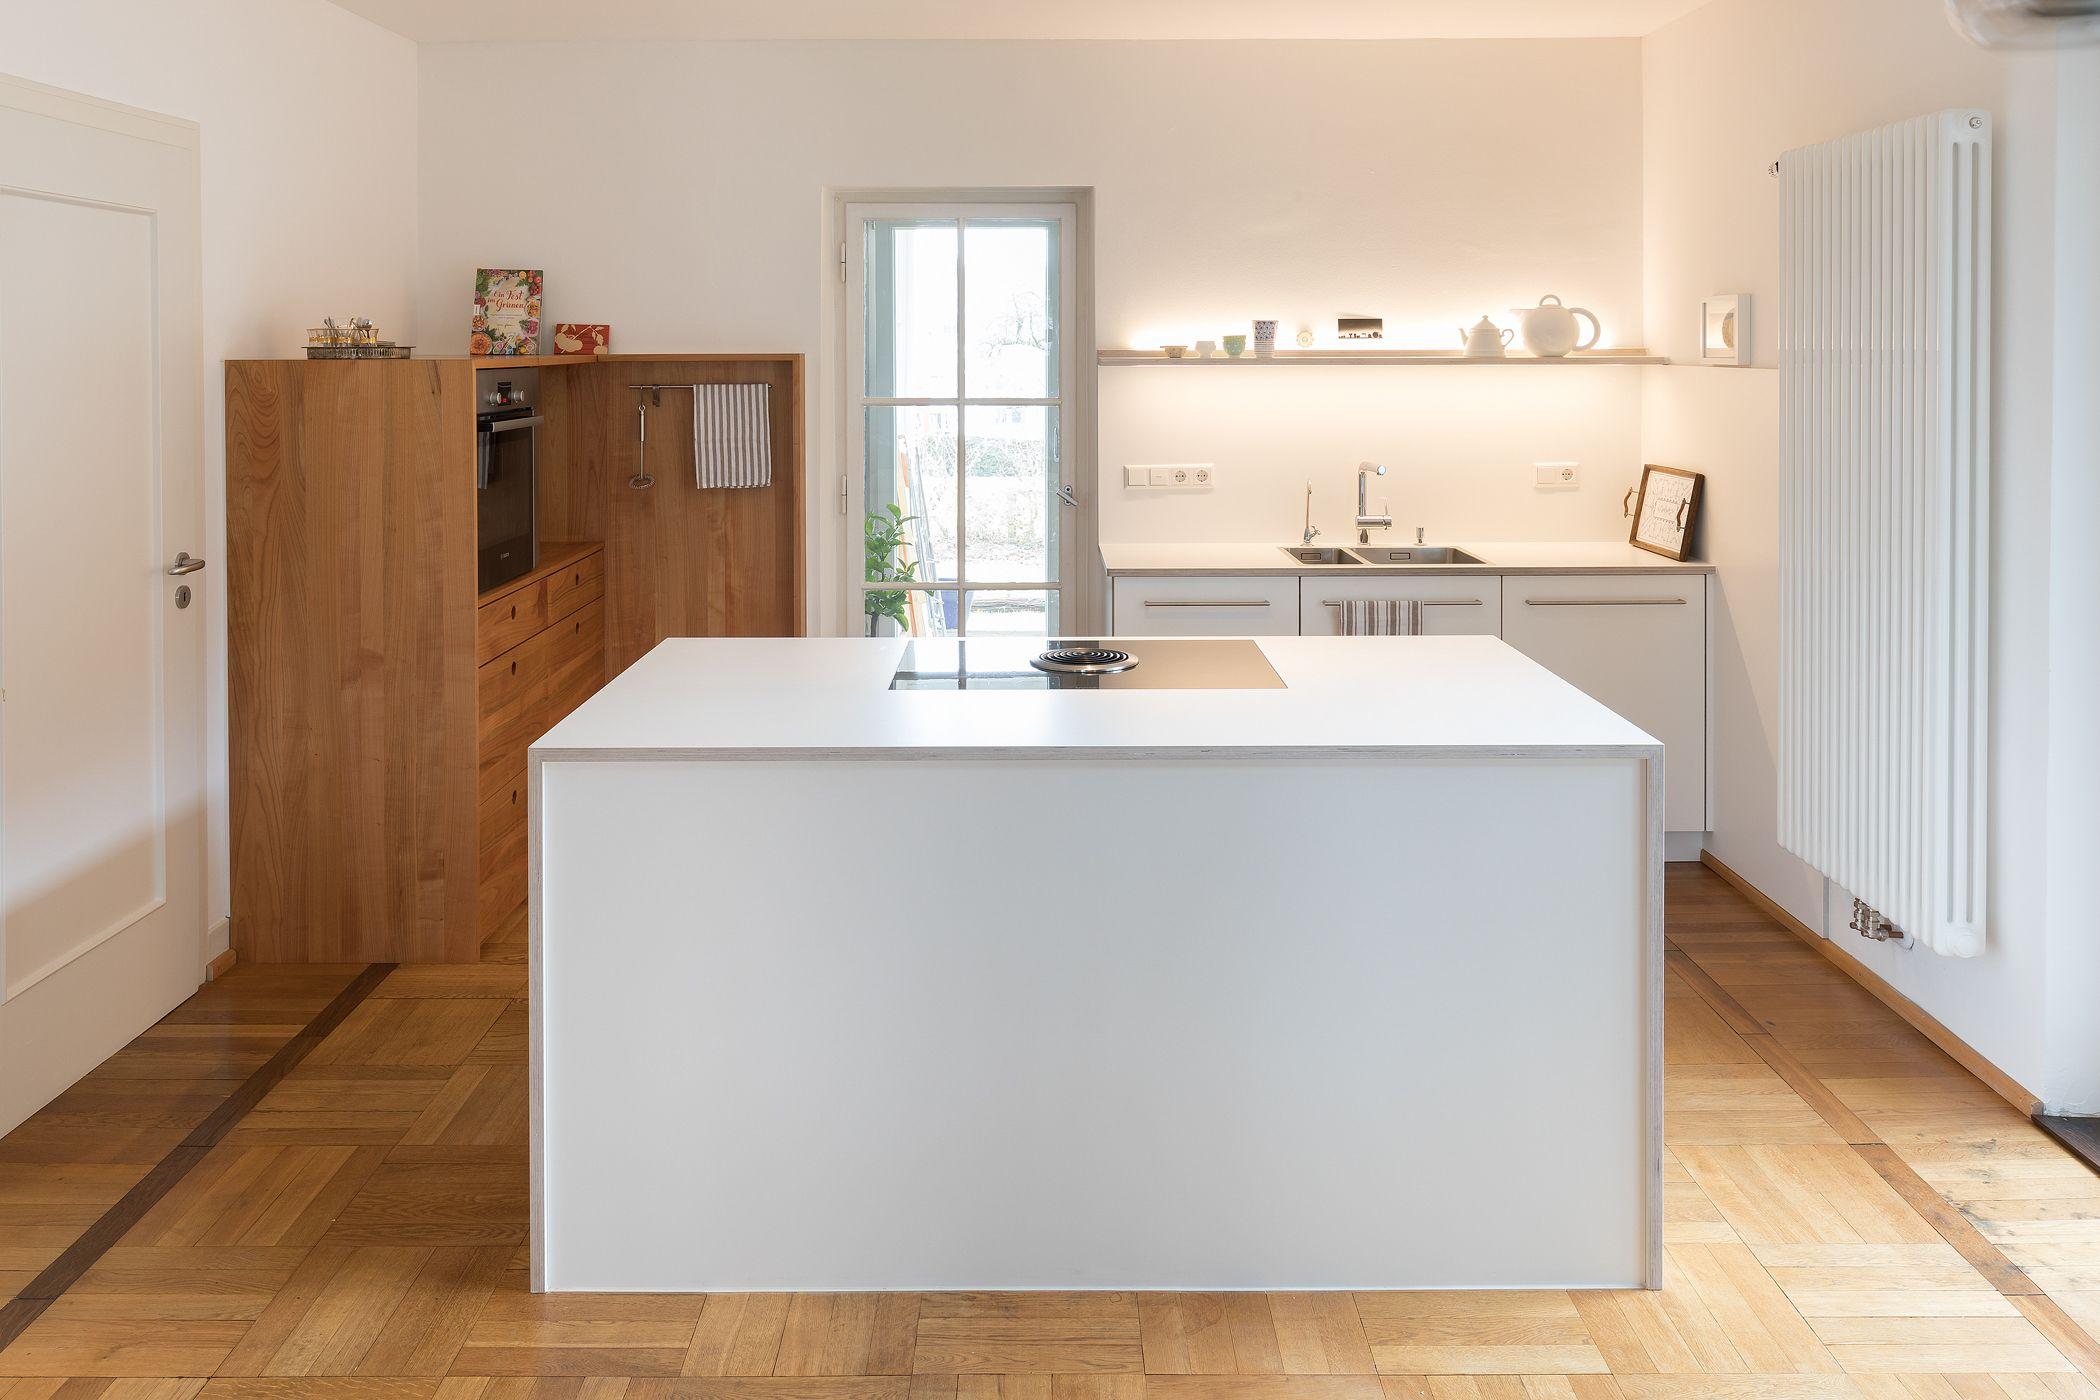 Full Size of Kücheninsel Kcheninsel Kochinsel Wei Kleine Kche Modern Schreiner Wohnzimmer Kücheninsel